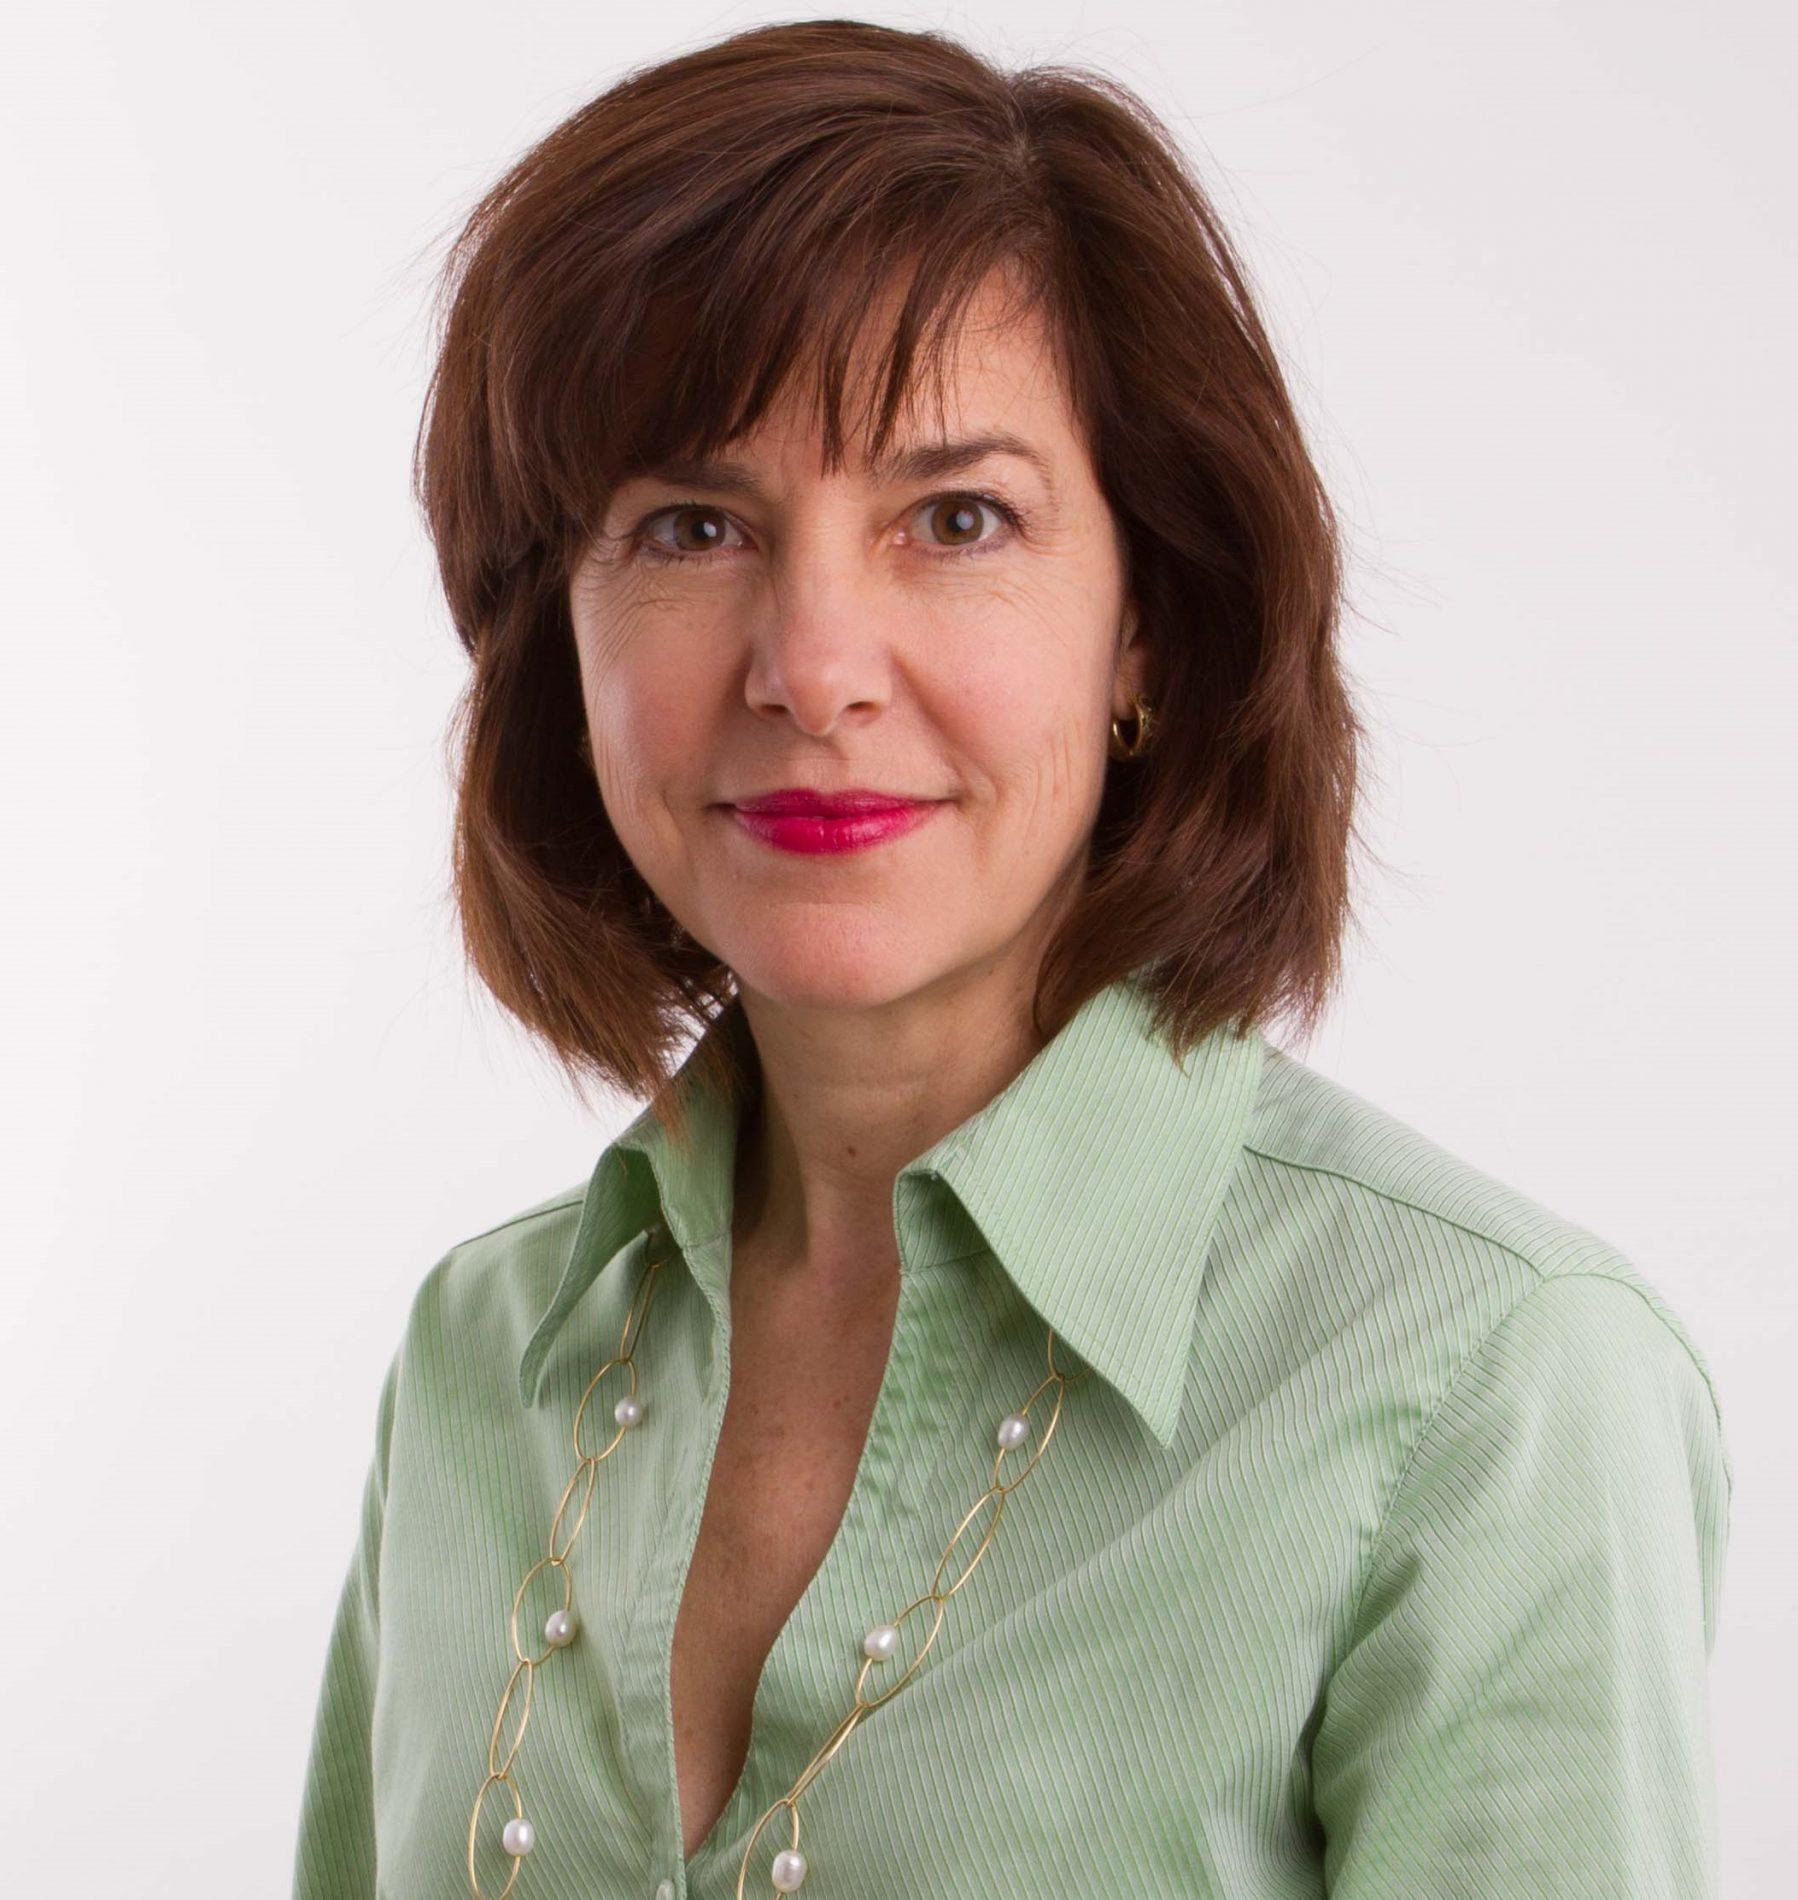 Karla Schlaepfer